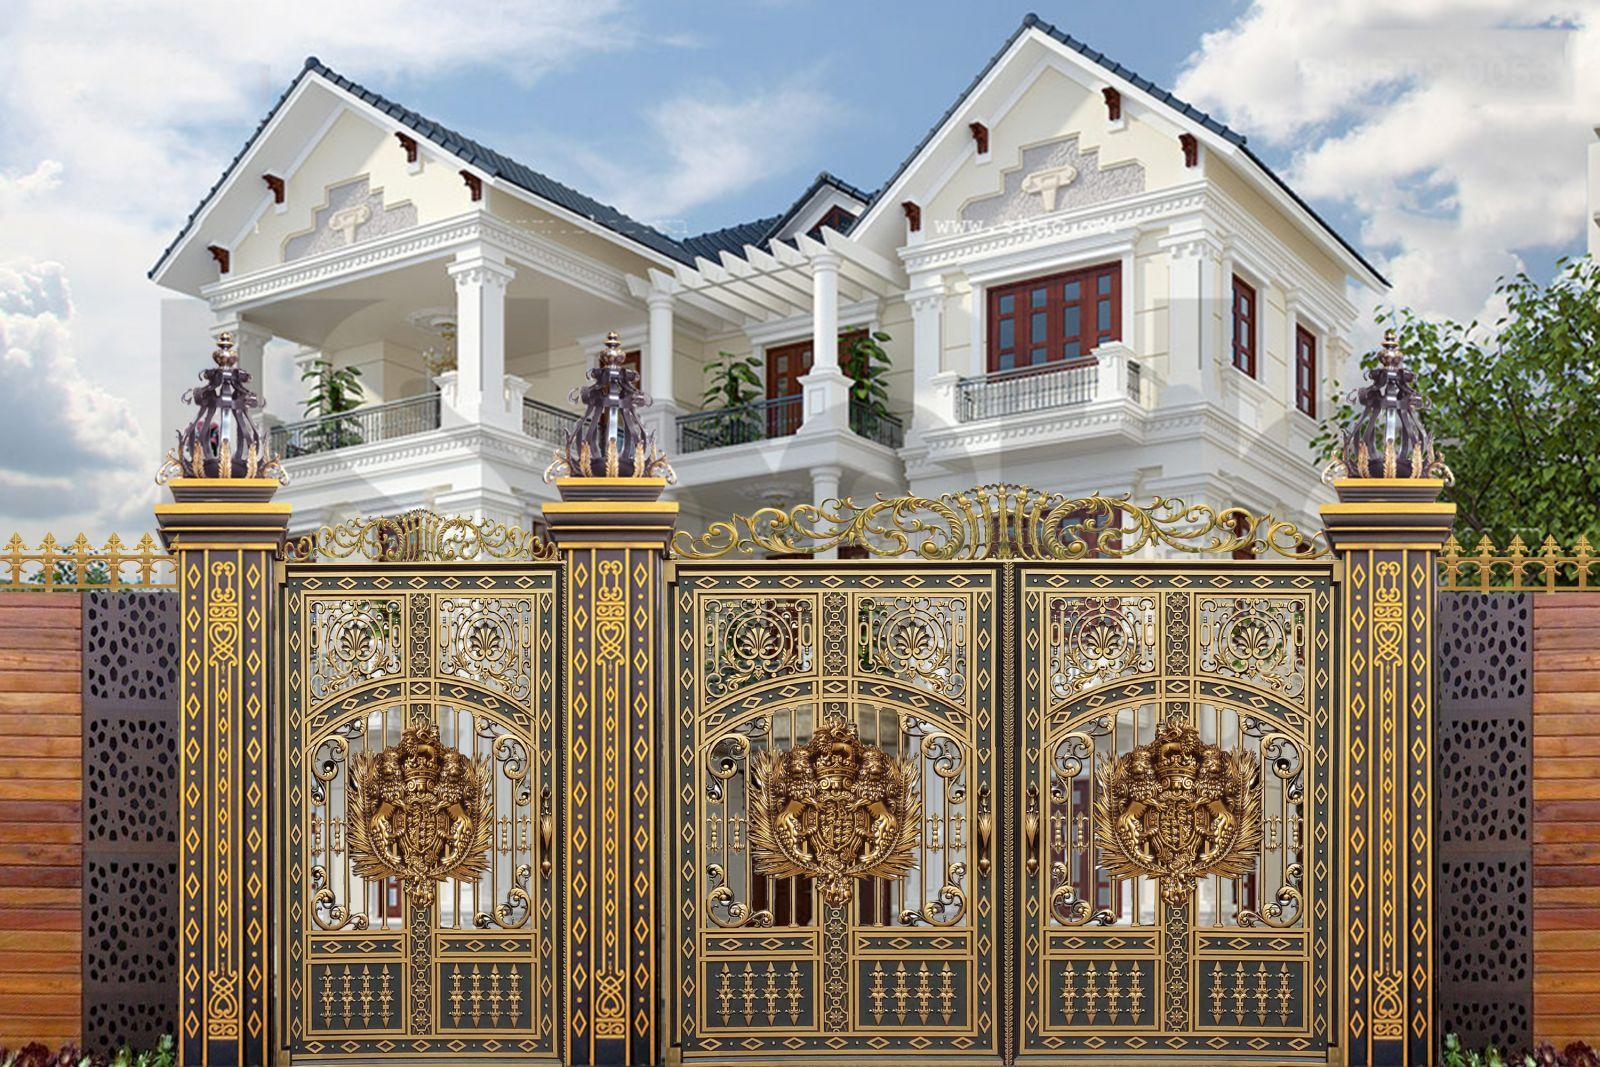 Description: Thi công cổng đồng đúc tại Bắc Giang